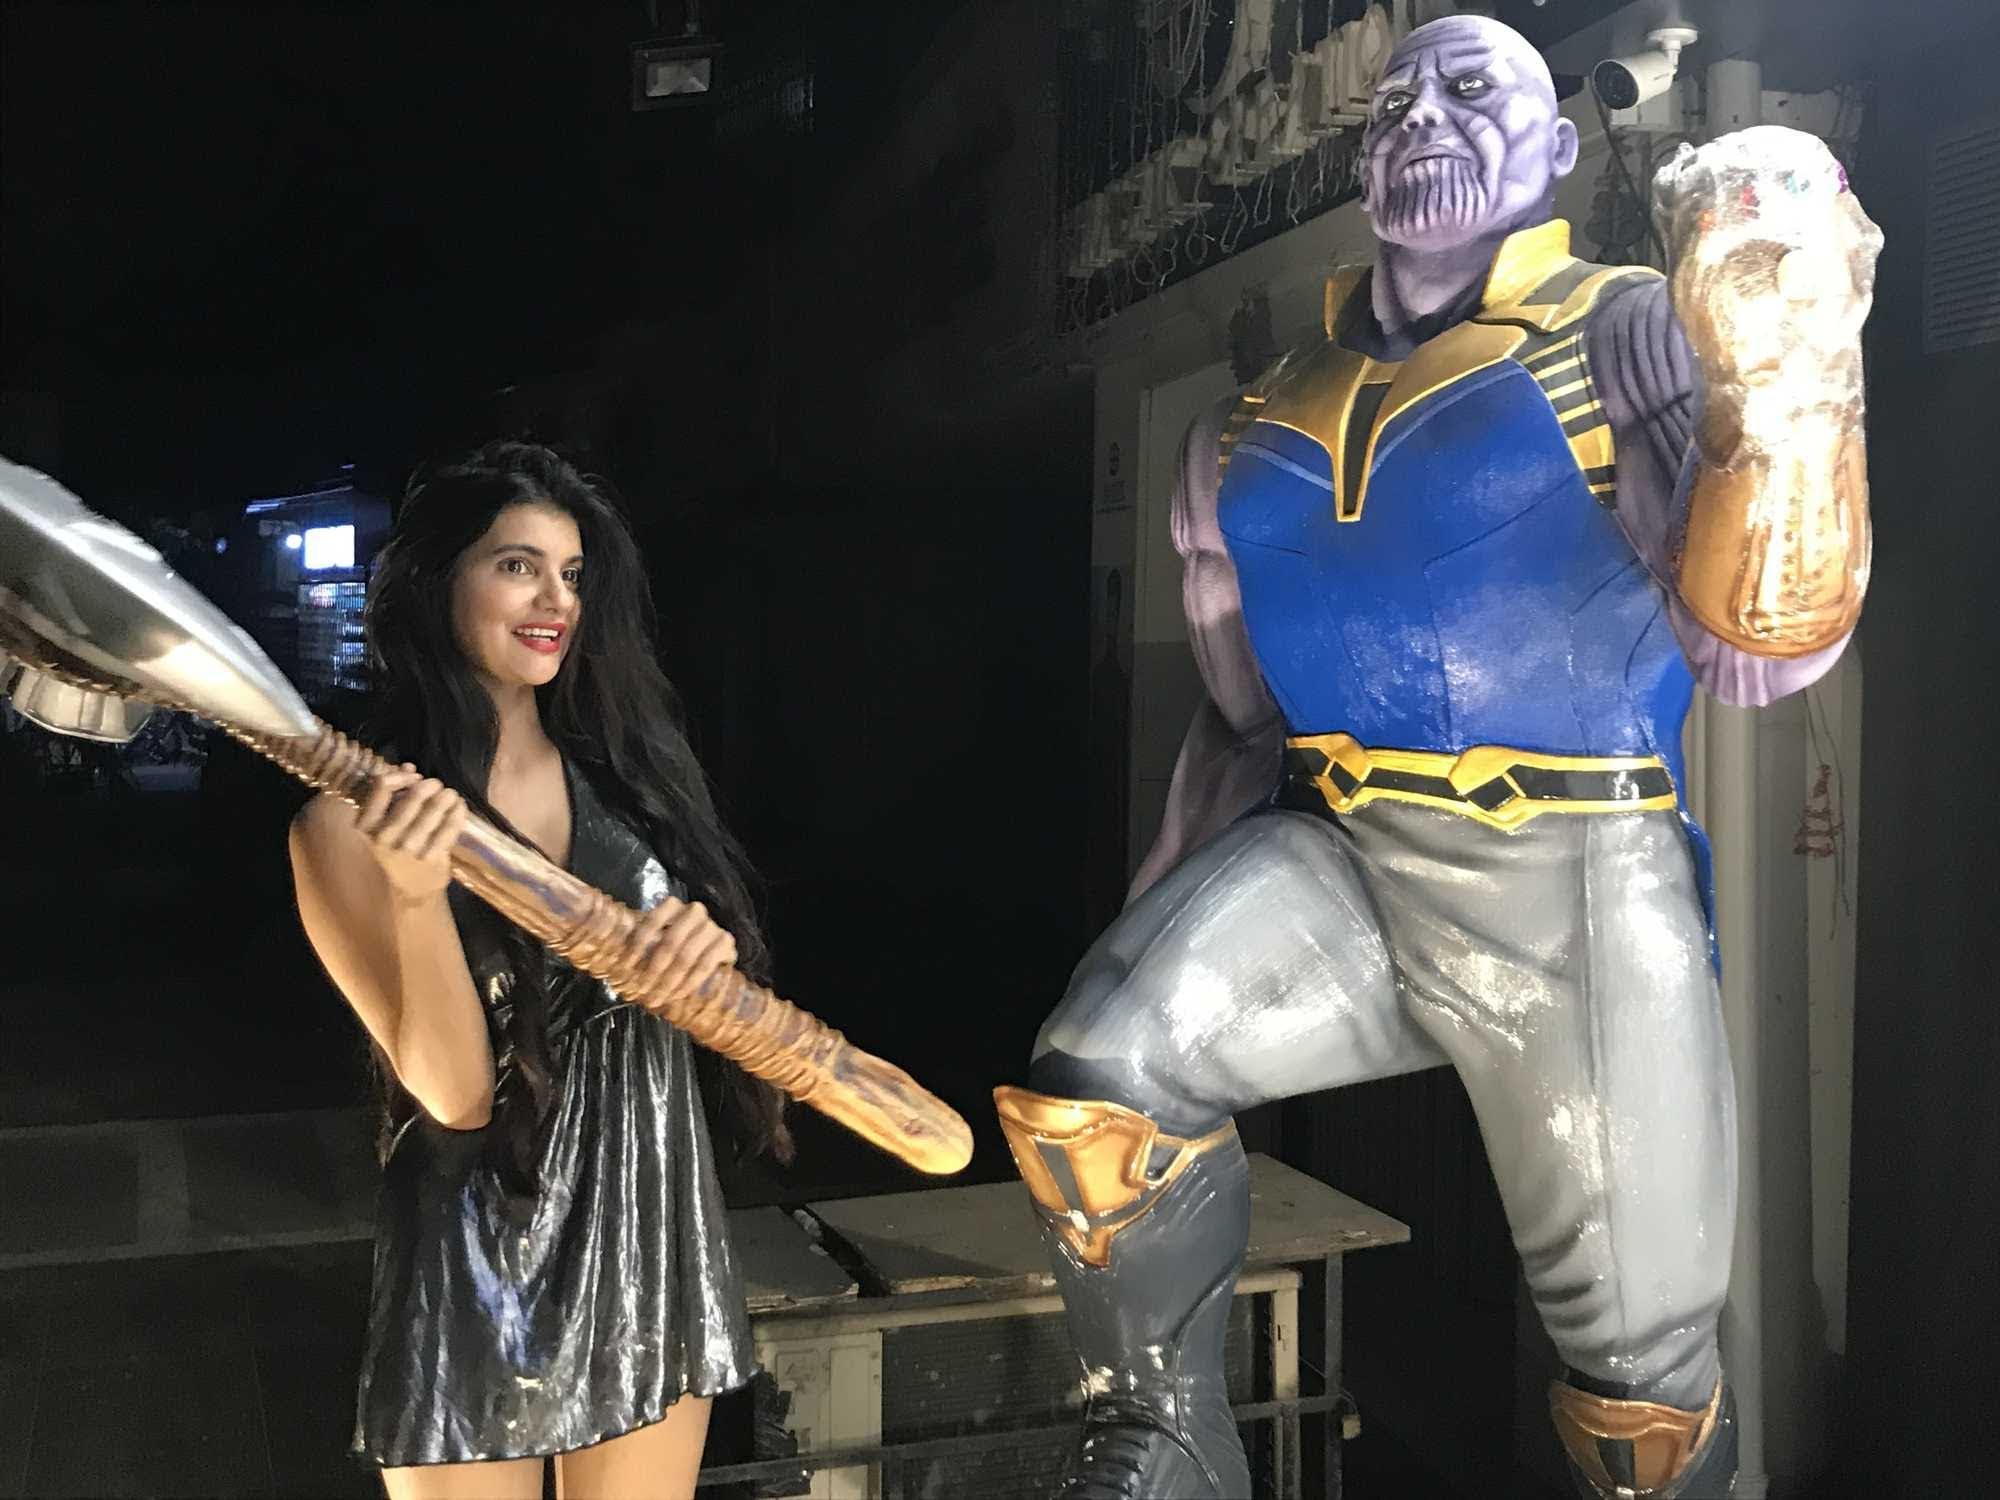 House of Thanos : ディズニーの許可を得ずに無断で、アベンジャーズ人気に便乗の商売をやっていそうなインドのマーベル・カフェ ? ! のハウス・オブ・サノス ! !